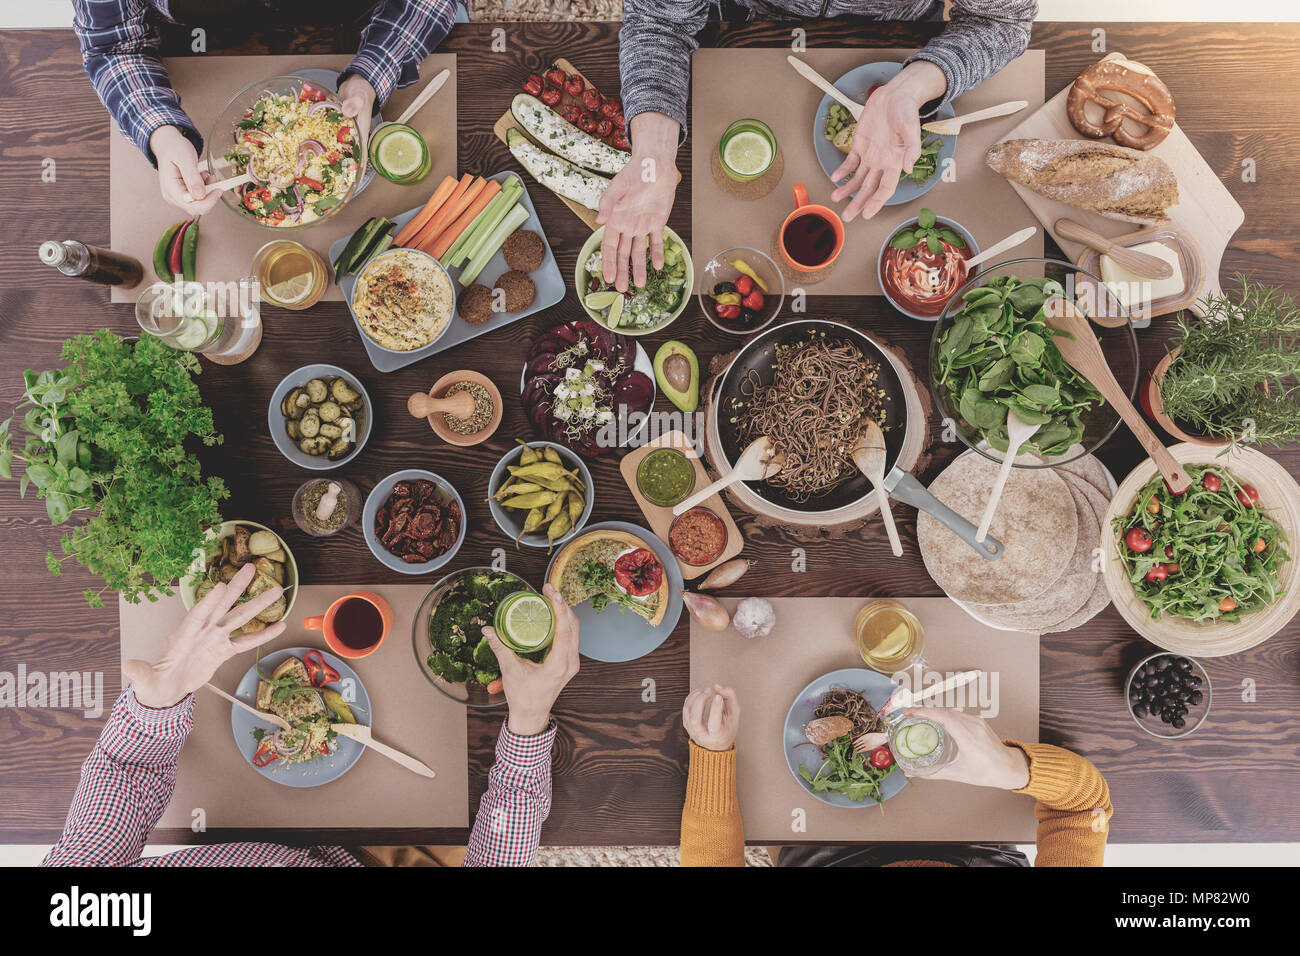 Divers plats végétariens allongé sur une table en bois, vue du dessus Photo Stock